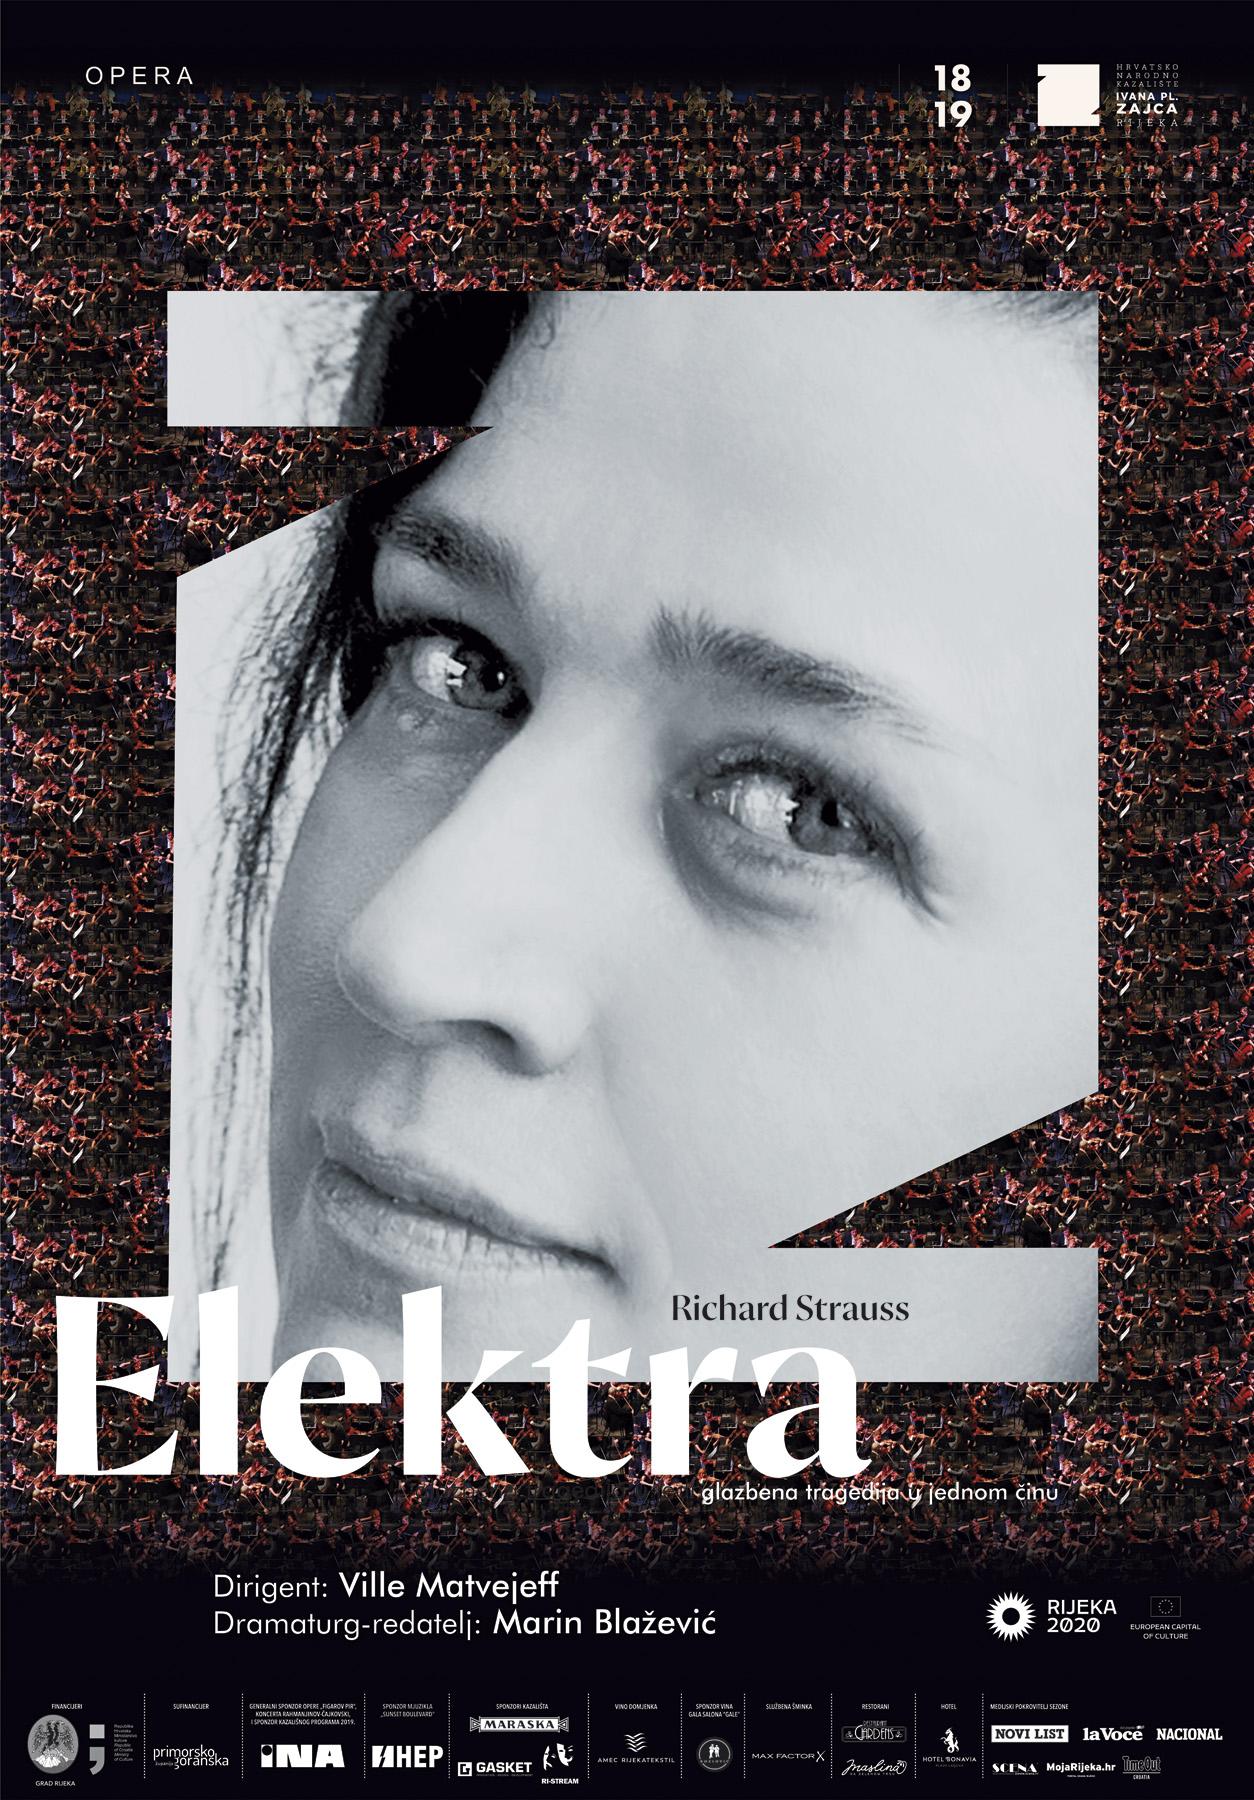 Premijera opere 'Elektra' u riječkom HNK-u